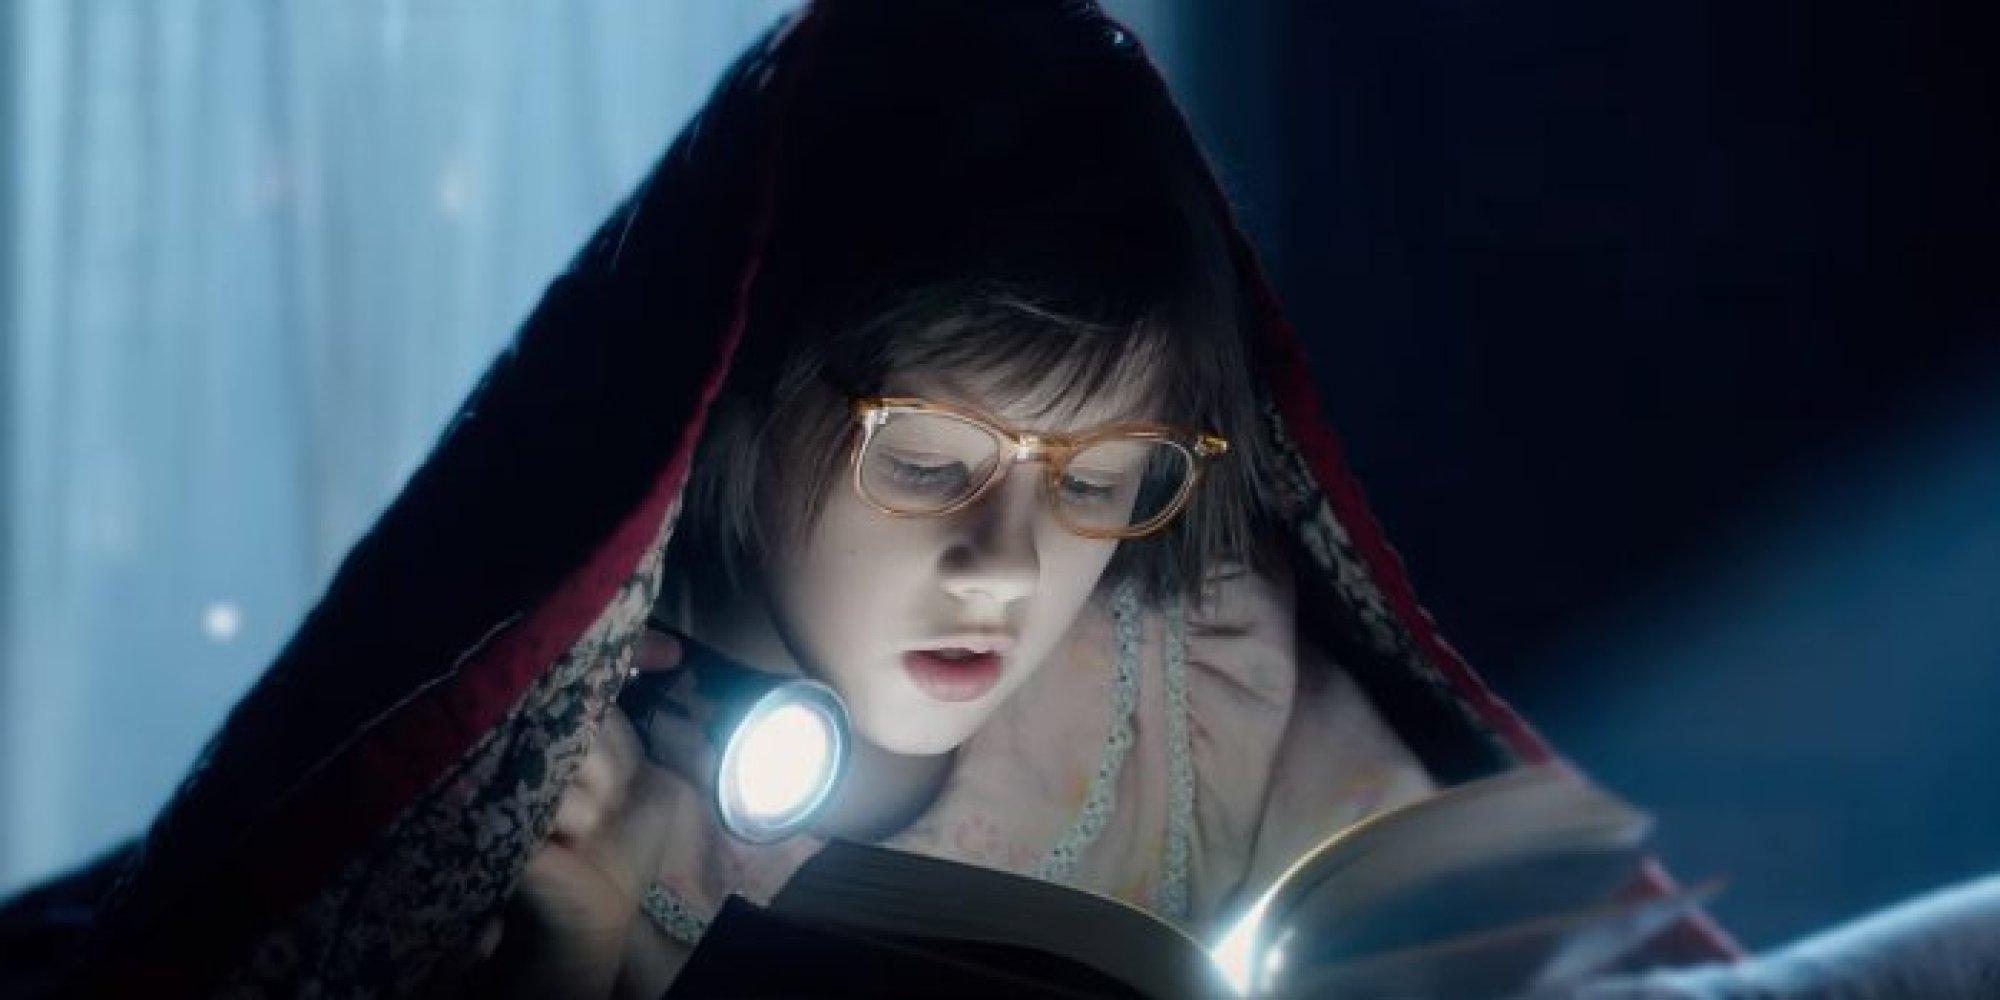 Mira el poster y trailer de la nueva película de Steven Spielberg, The BFG